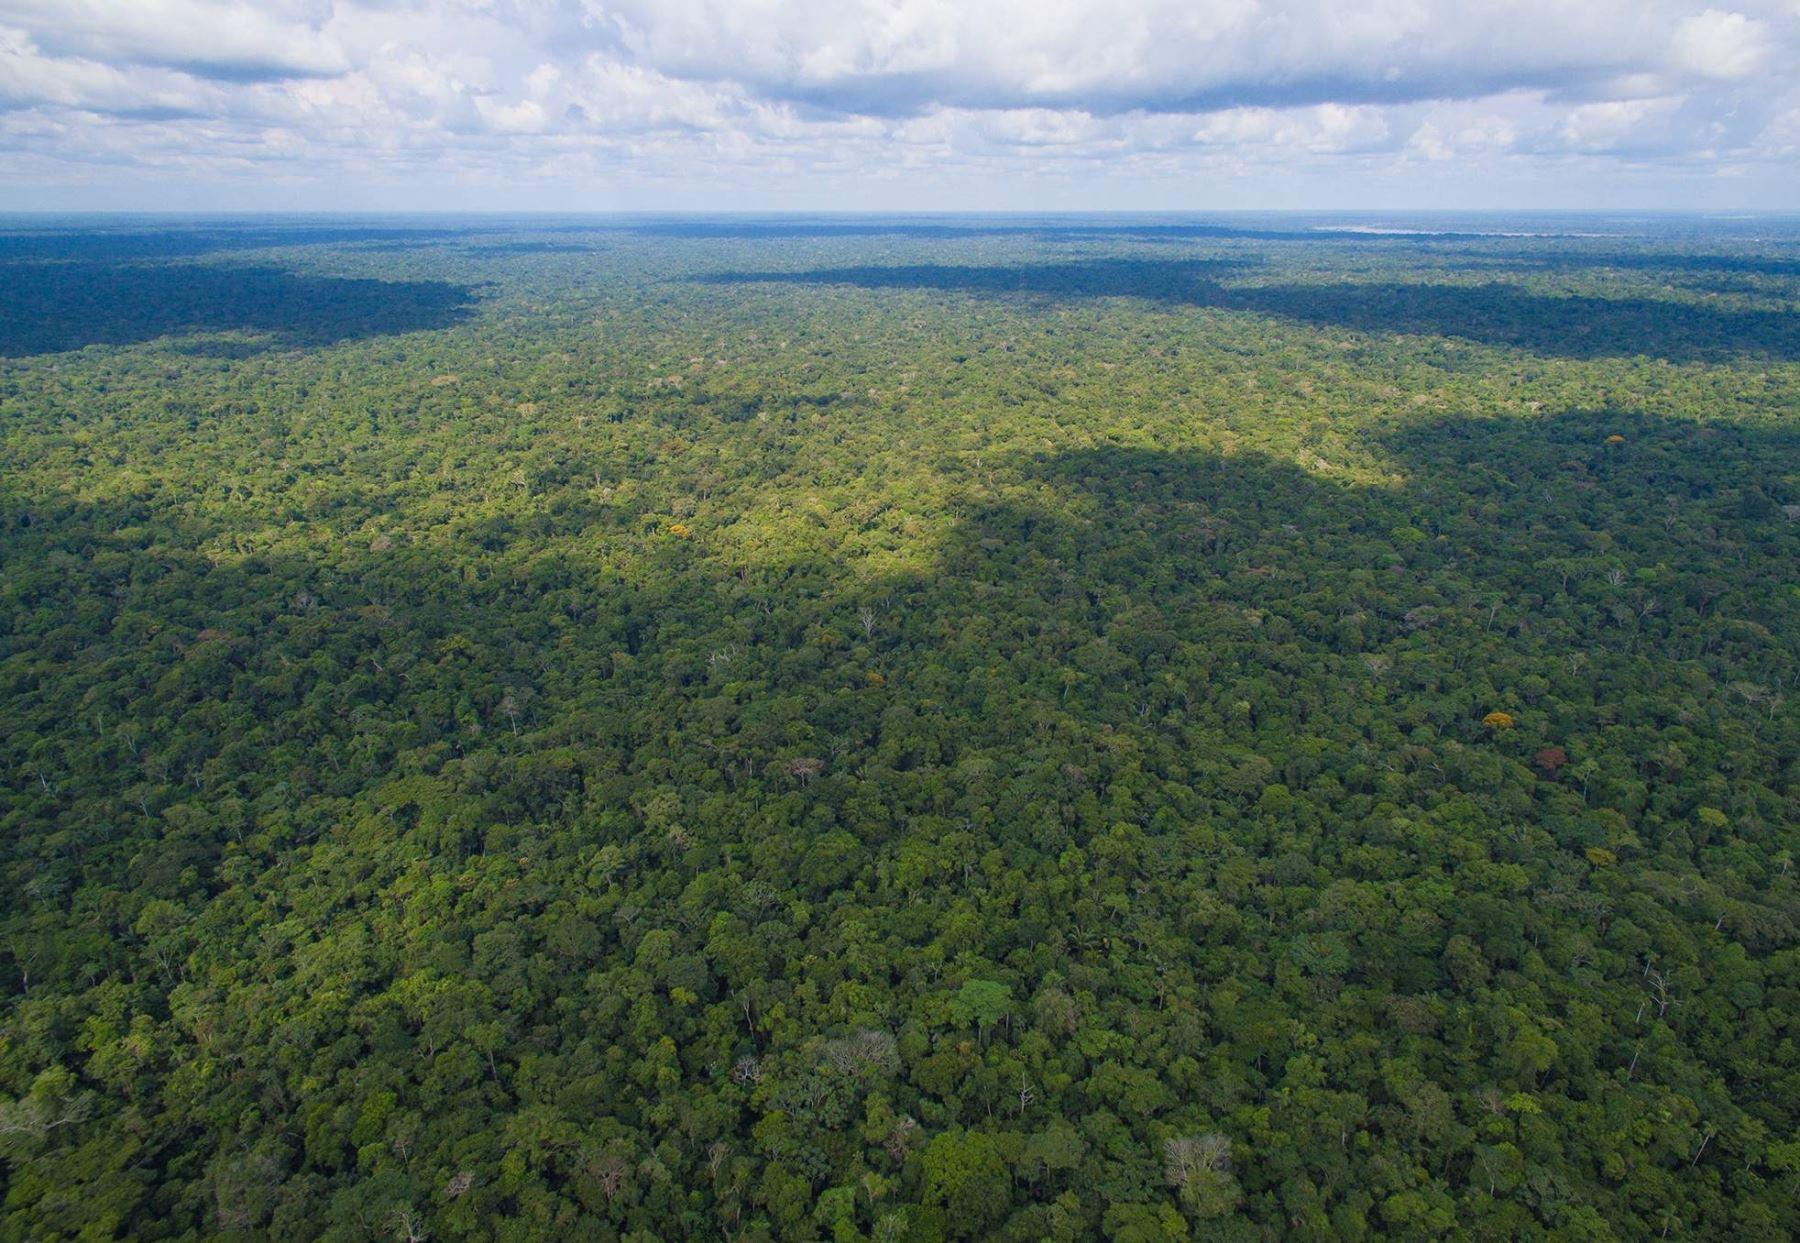 Perú registró 68 millones 733,265 hectáreas de bosques húmedos amazónicos al 2016. ANDINA/Difusión